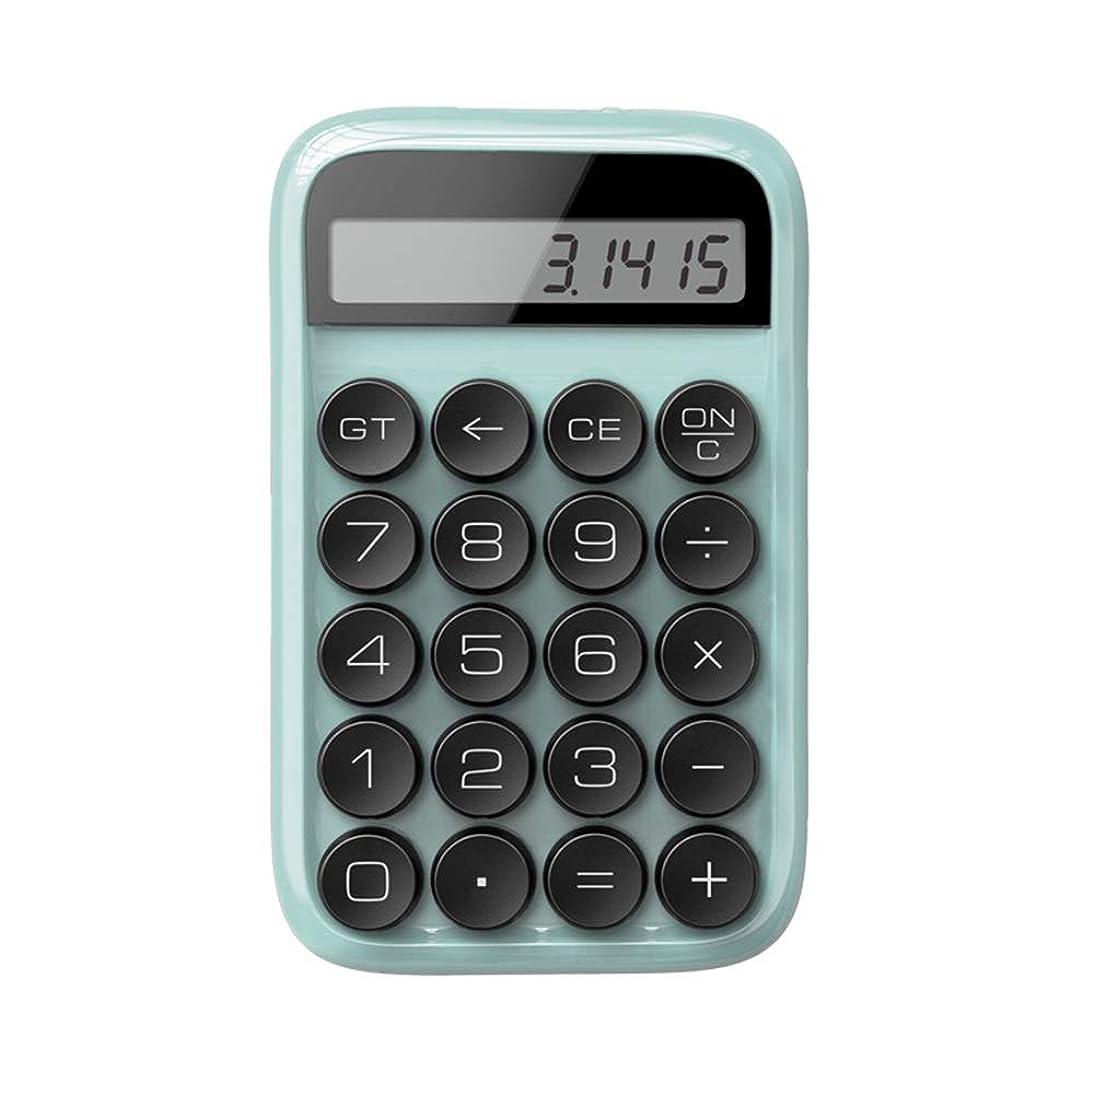 ゲージタヒチ金属の三次元壁の装飾 15°の角度電卓グリーンとの機械的なキーボード電卓ガールギフトオフィス学生試験 持ち運びが簡単な計数ツール (Color : Green, Size : 14.8x9.2cm)